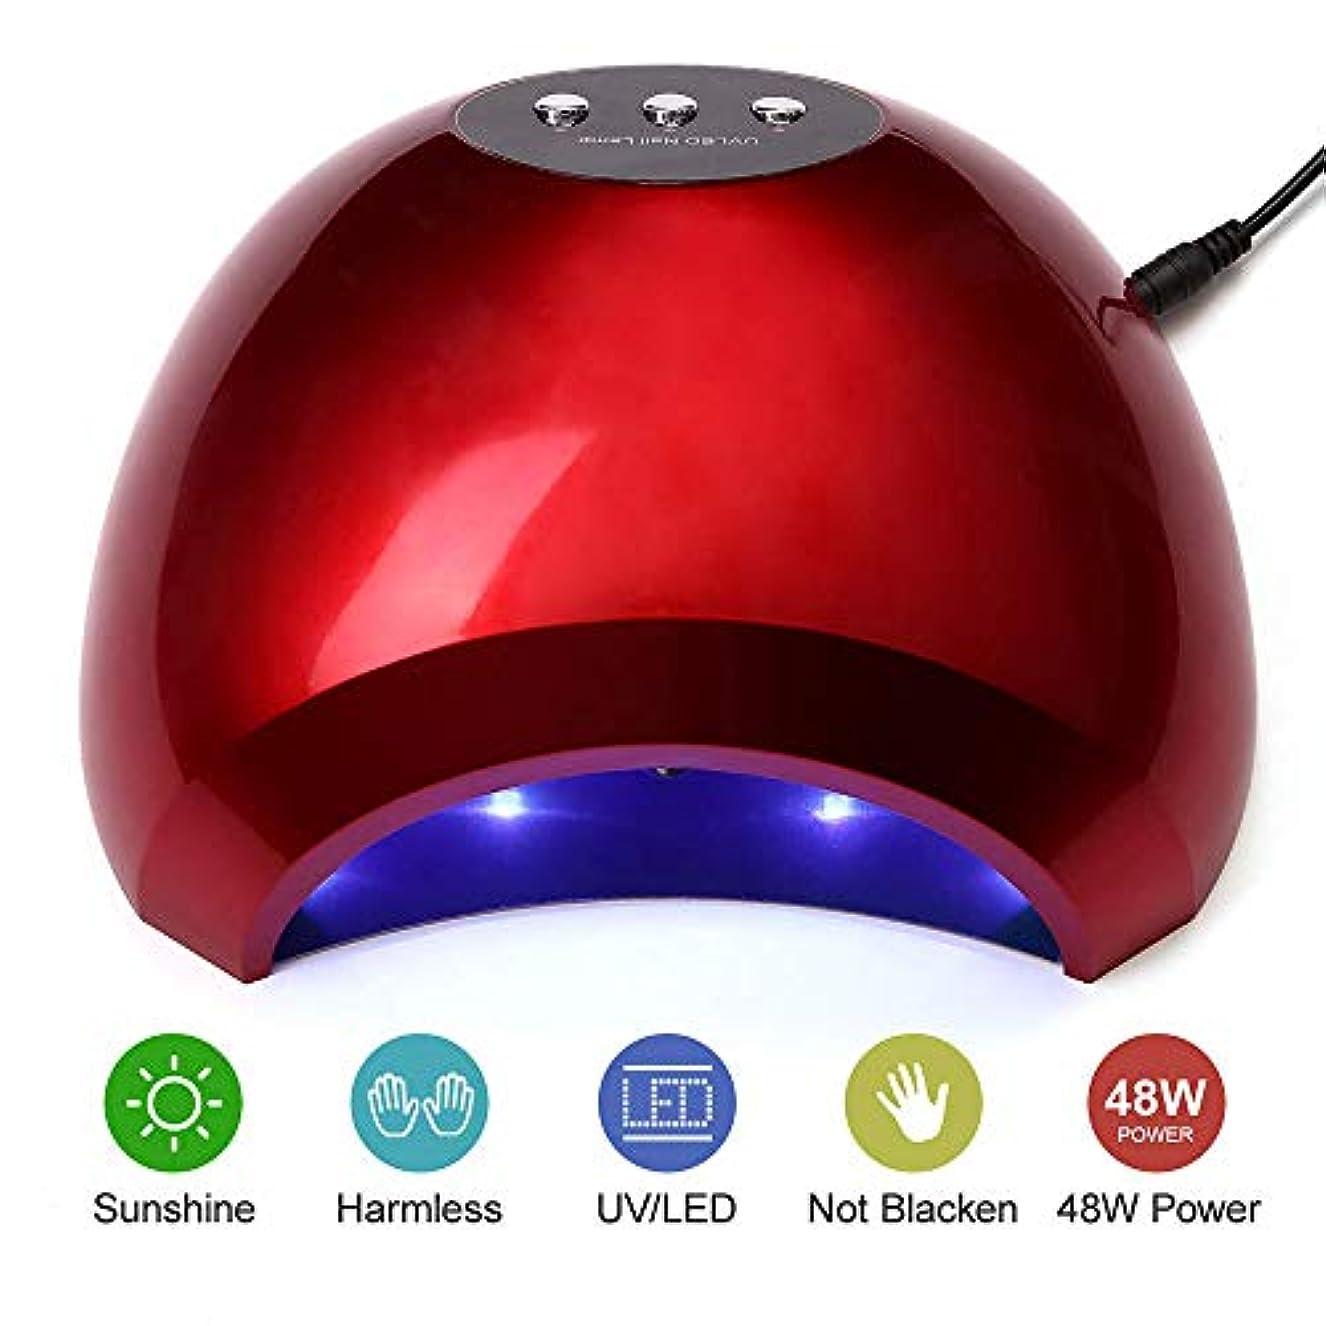 ノイズ勃起再生可能ネイルドライヤーランプ48W UV LEDネイルキュアランプライトソークオフネイルジェルランプマニキュアペディキュアドライヤー付きセンサー高速